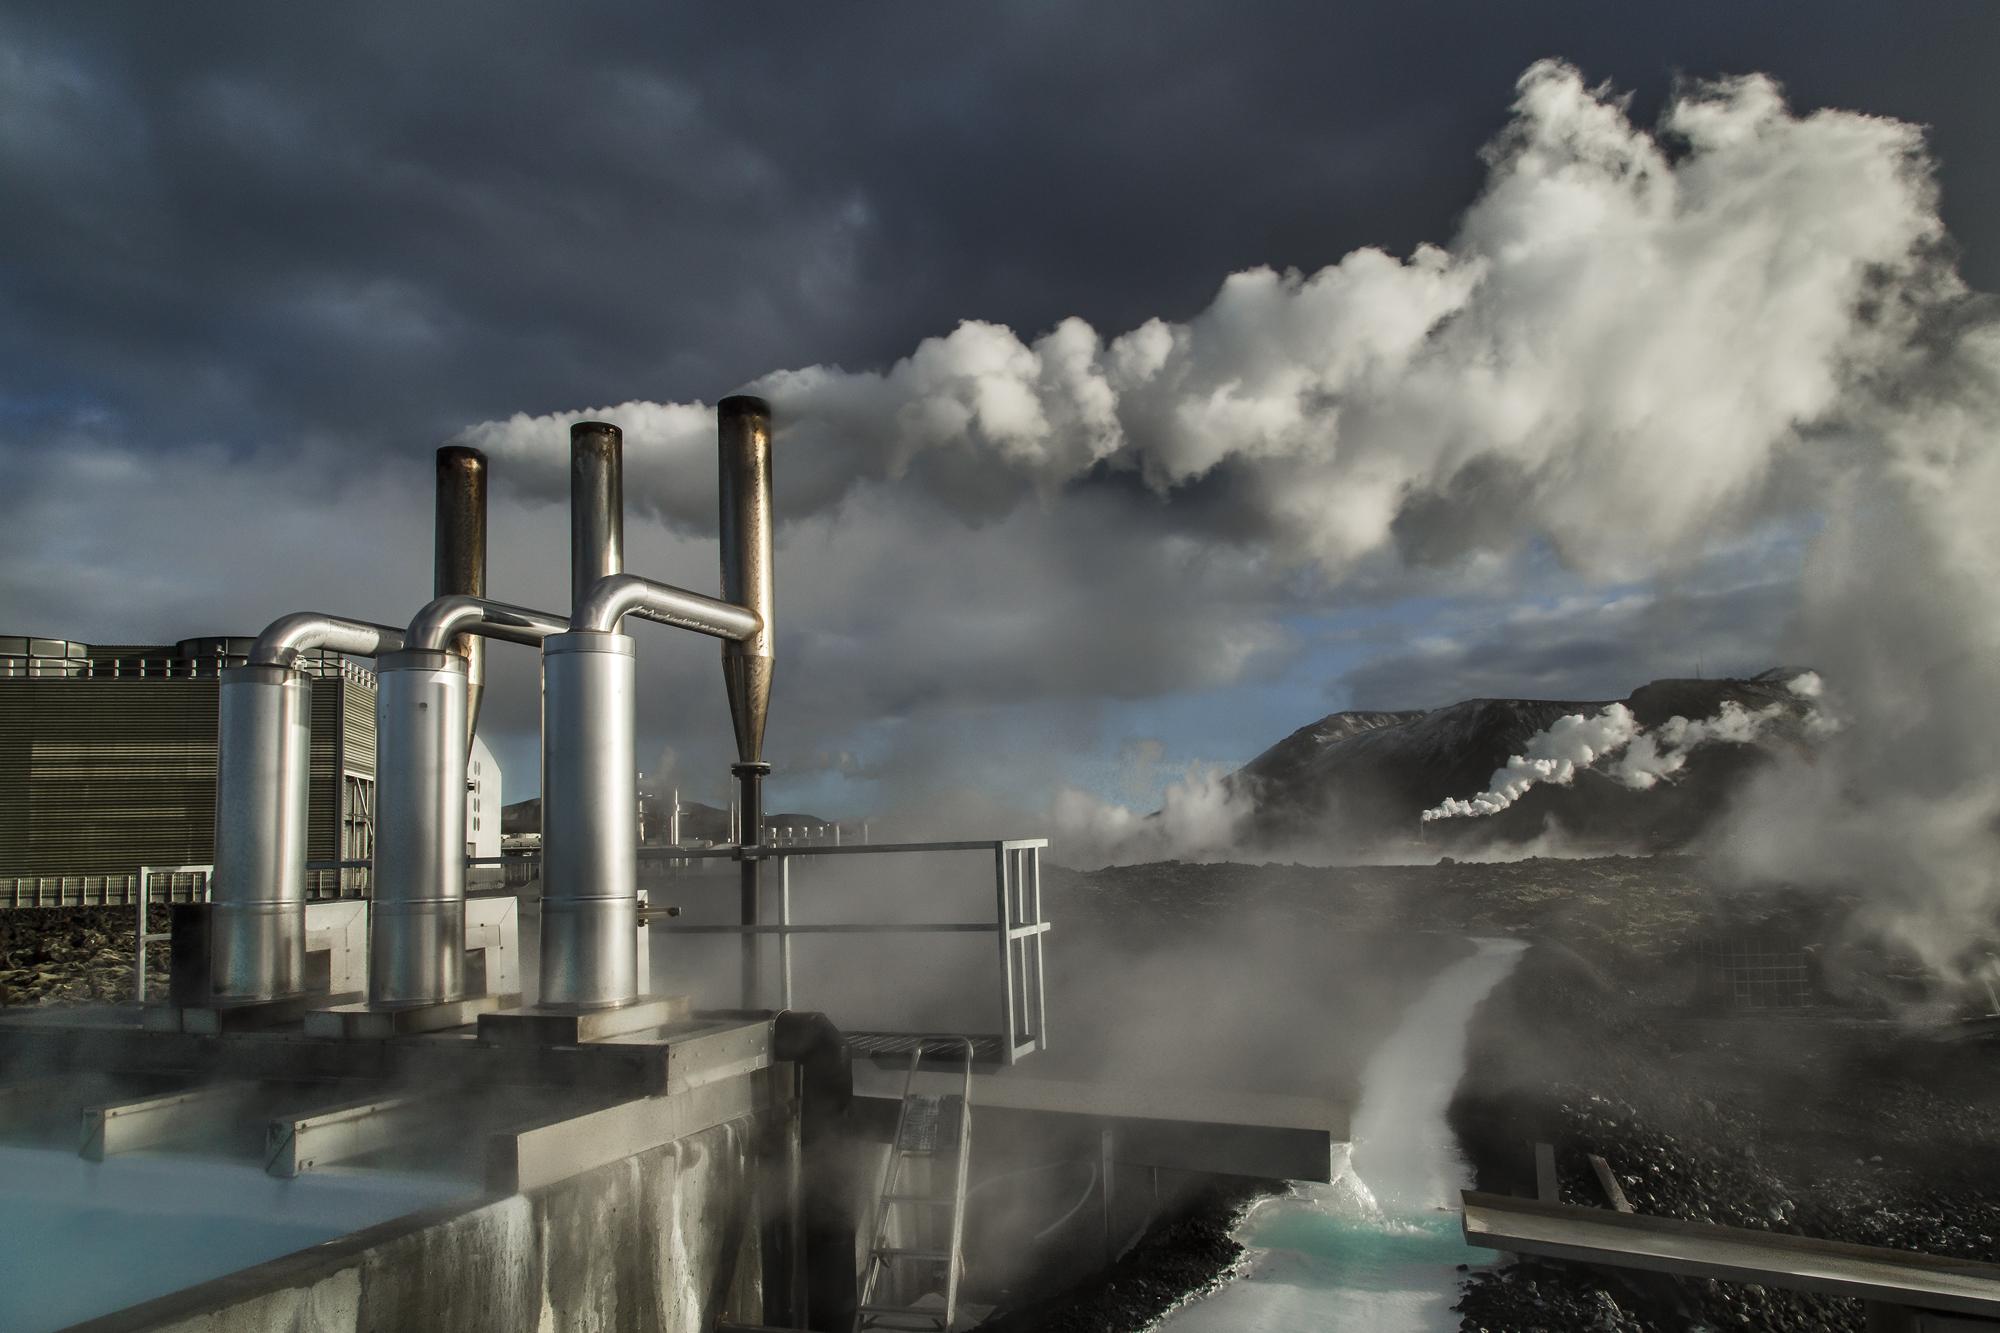 Iceland-Proof-19.tif#asset:656:url